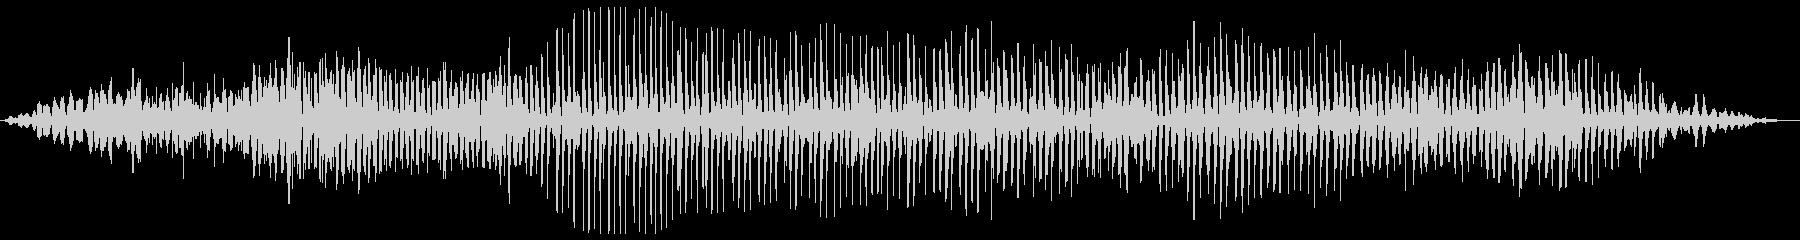 バララララ(プロペラ飛行機の様な効果音)の未再生の波形